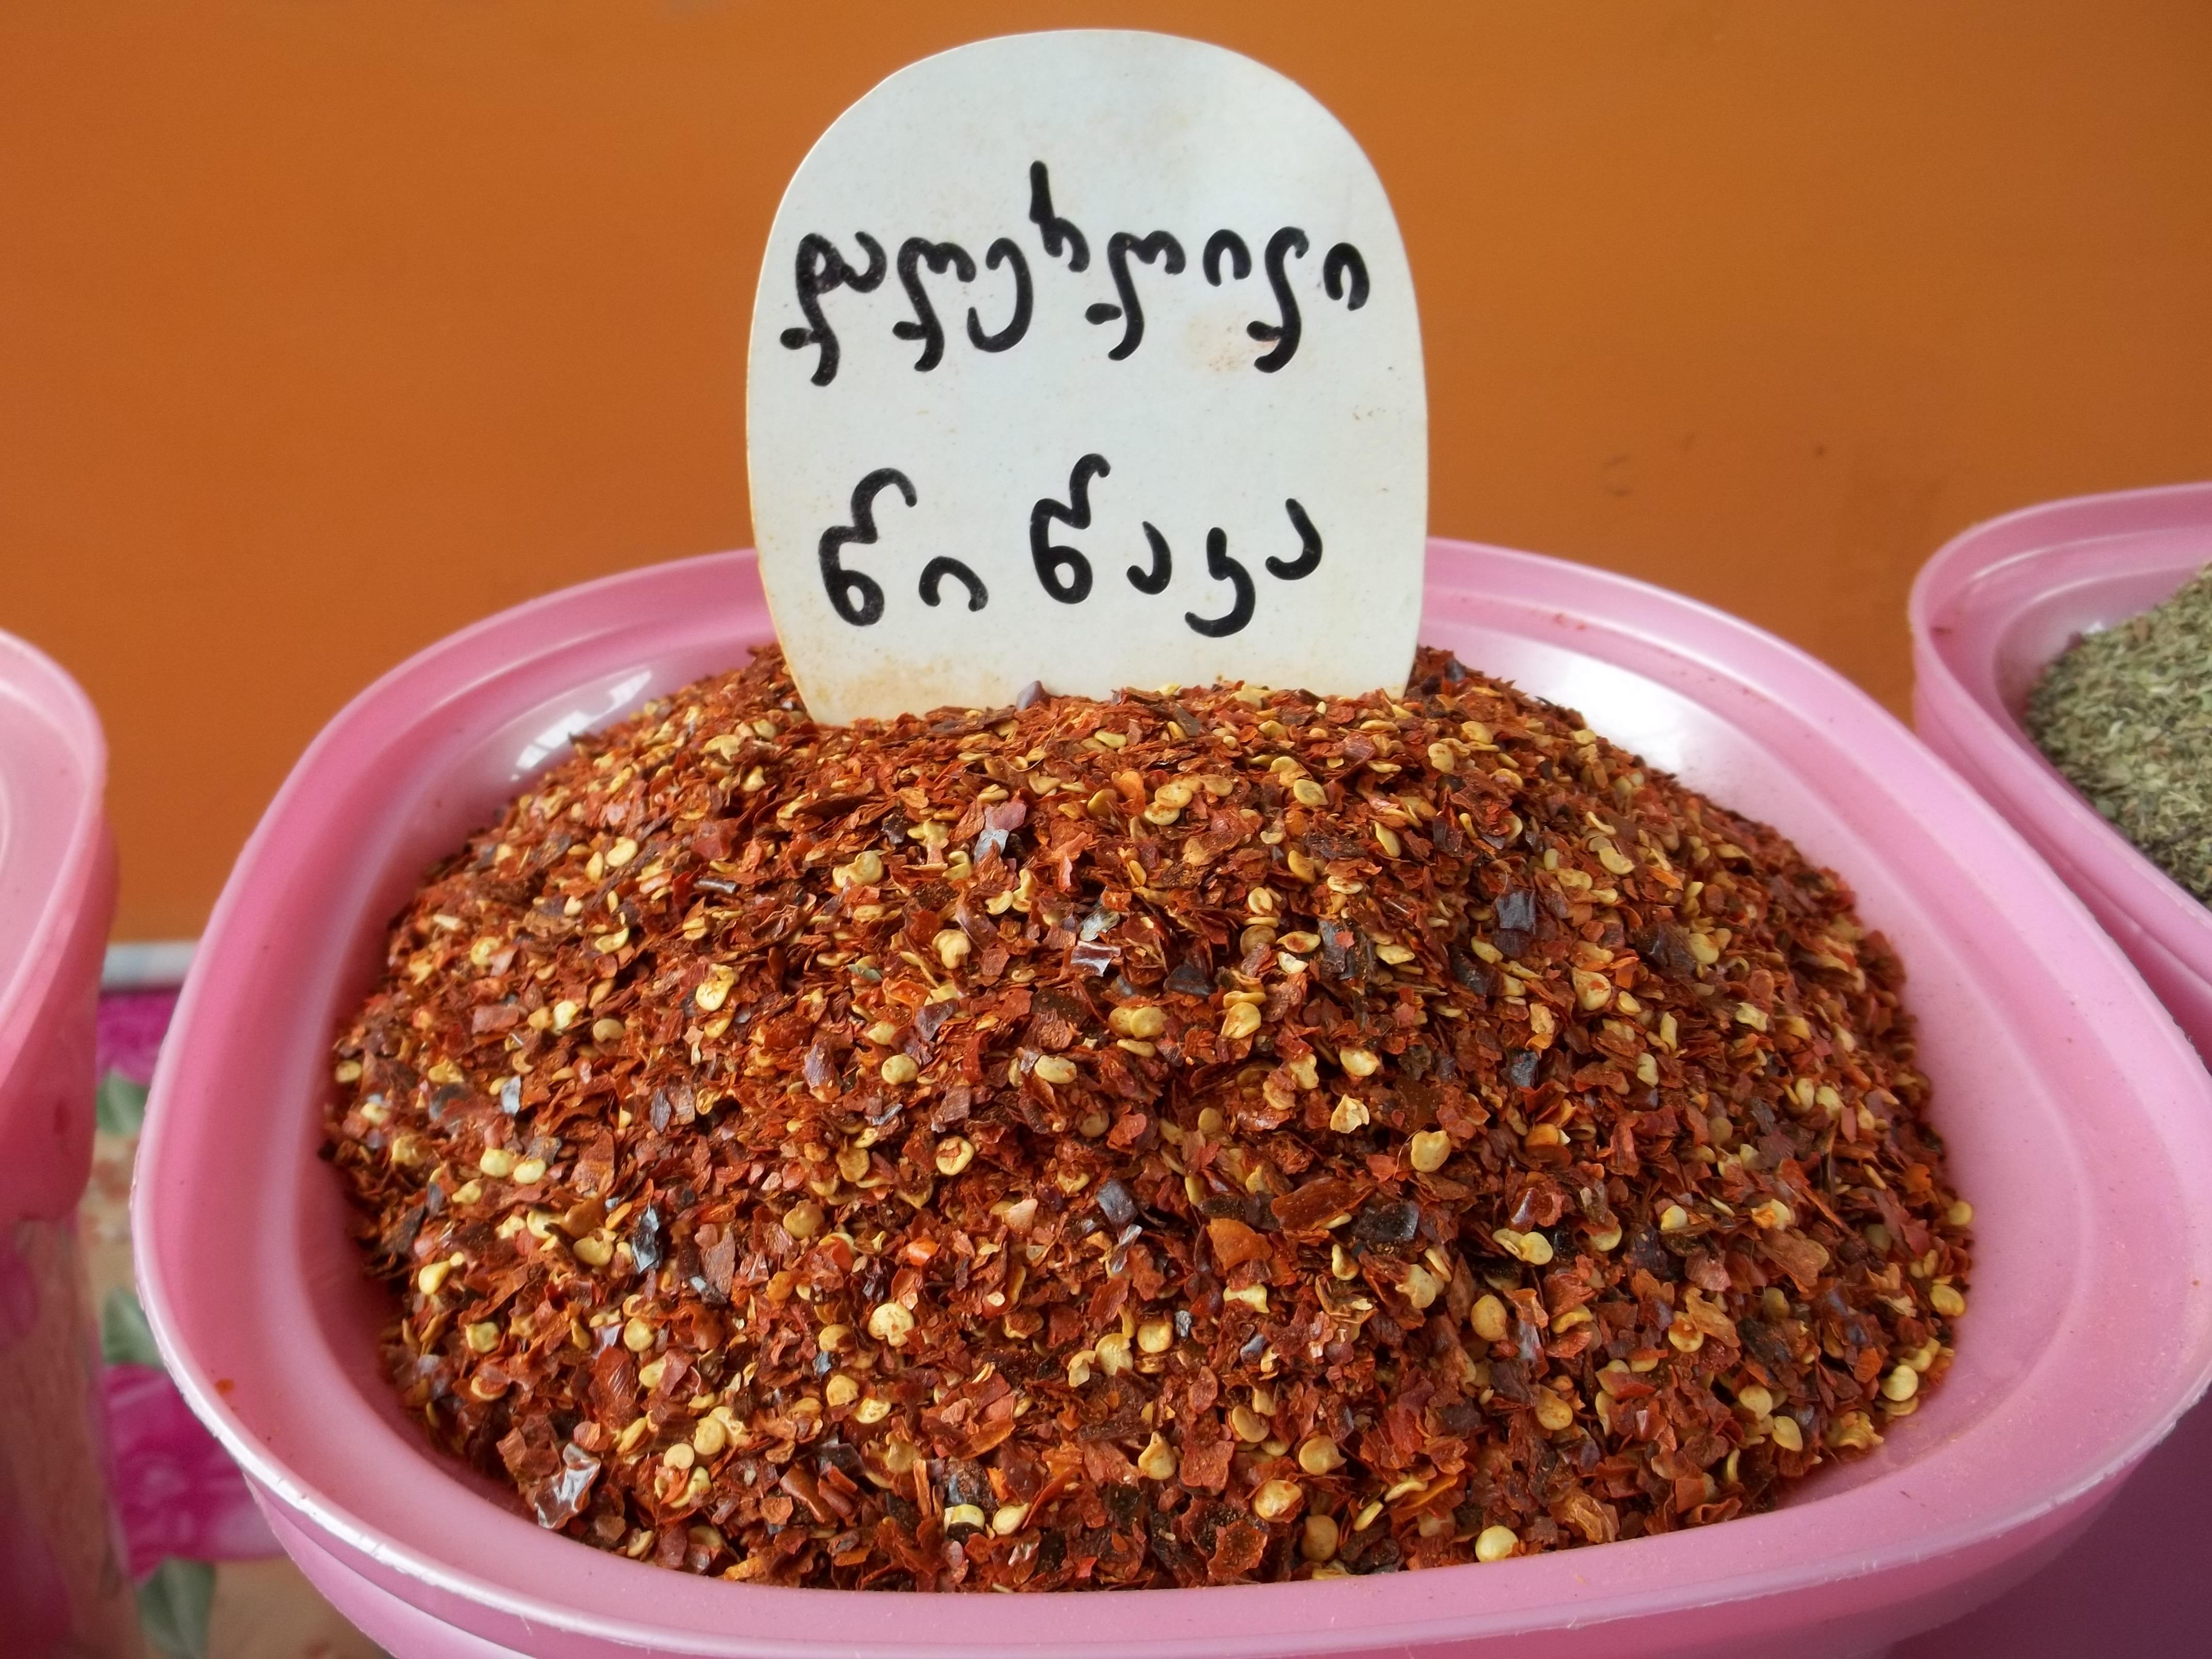 Dried coarse hot pepper